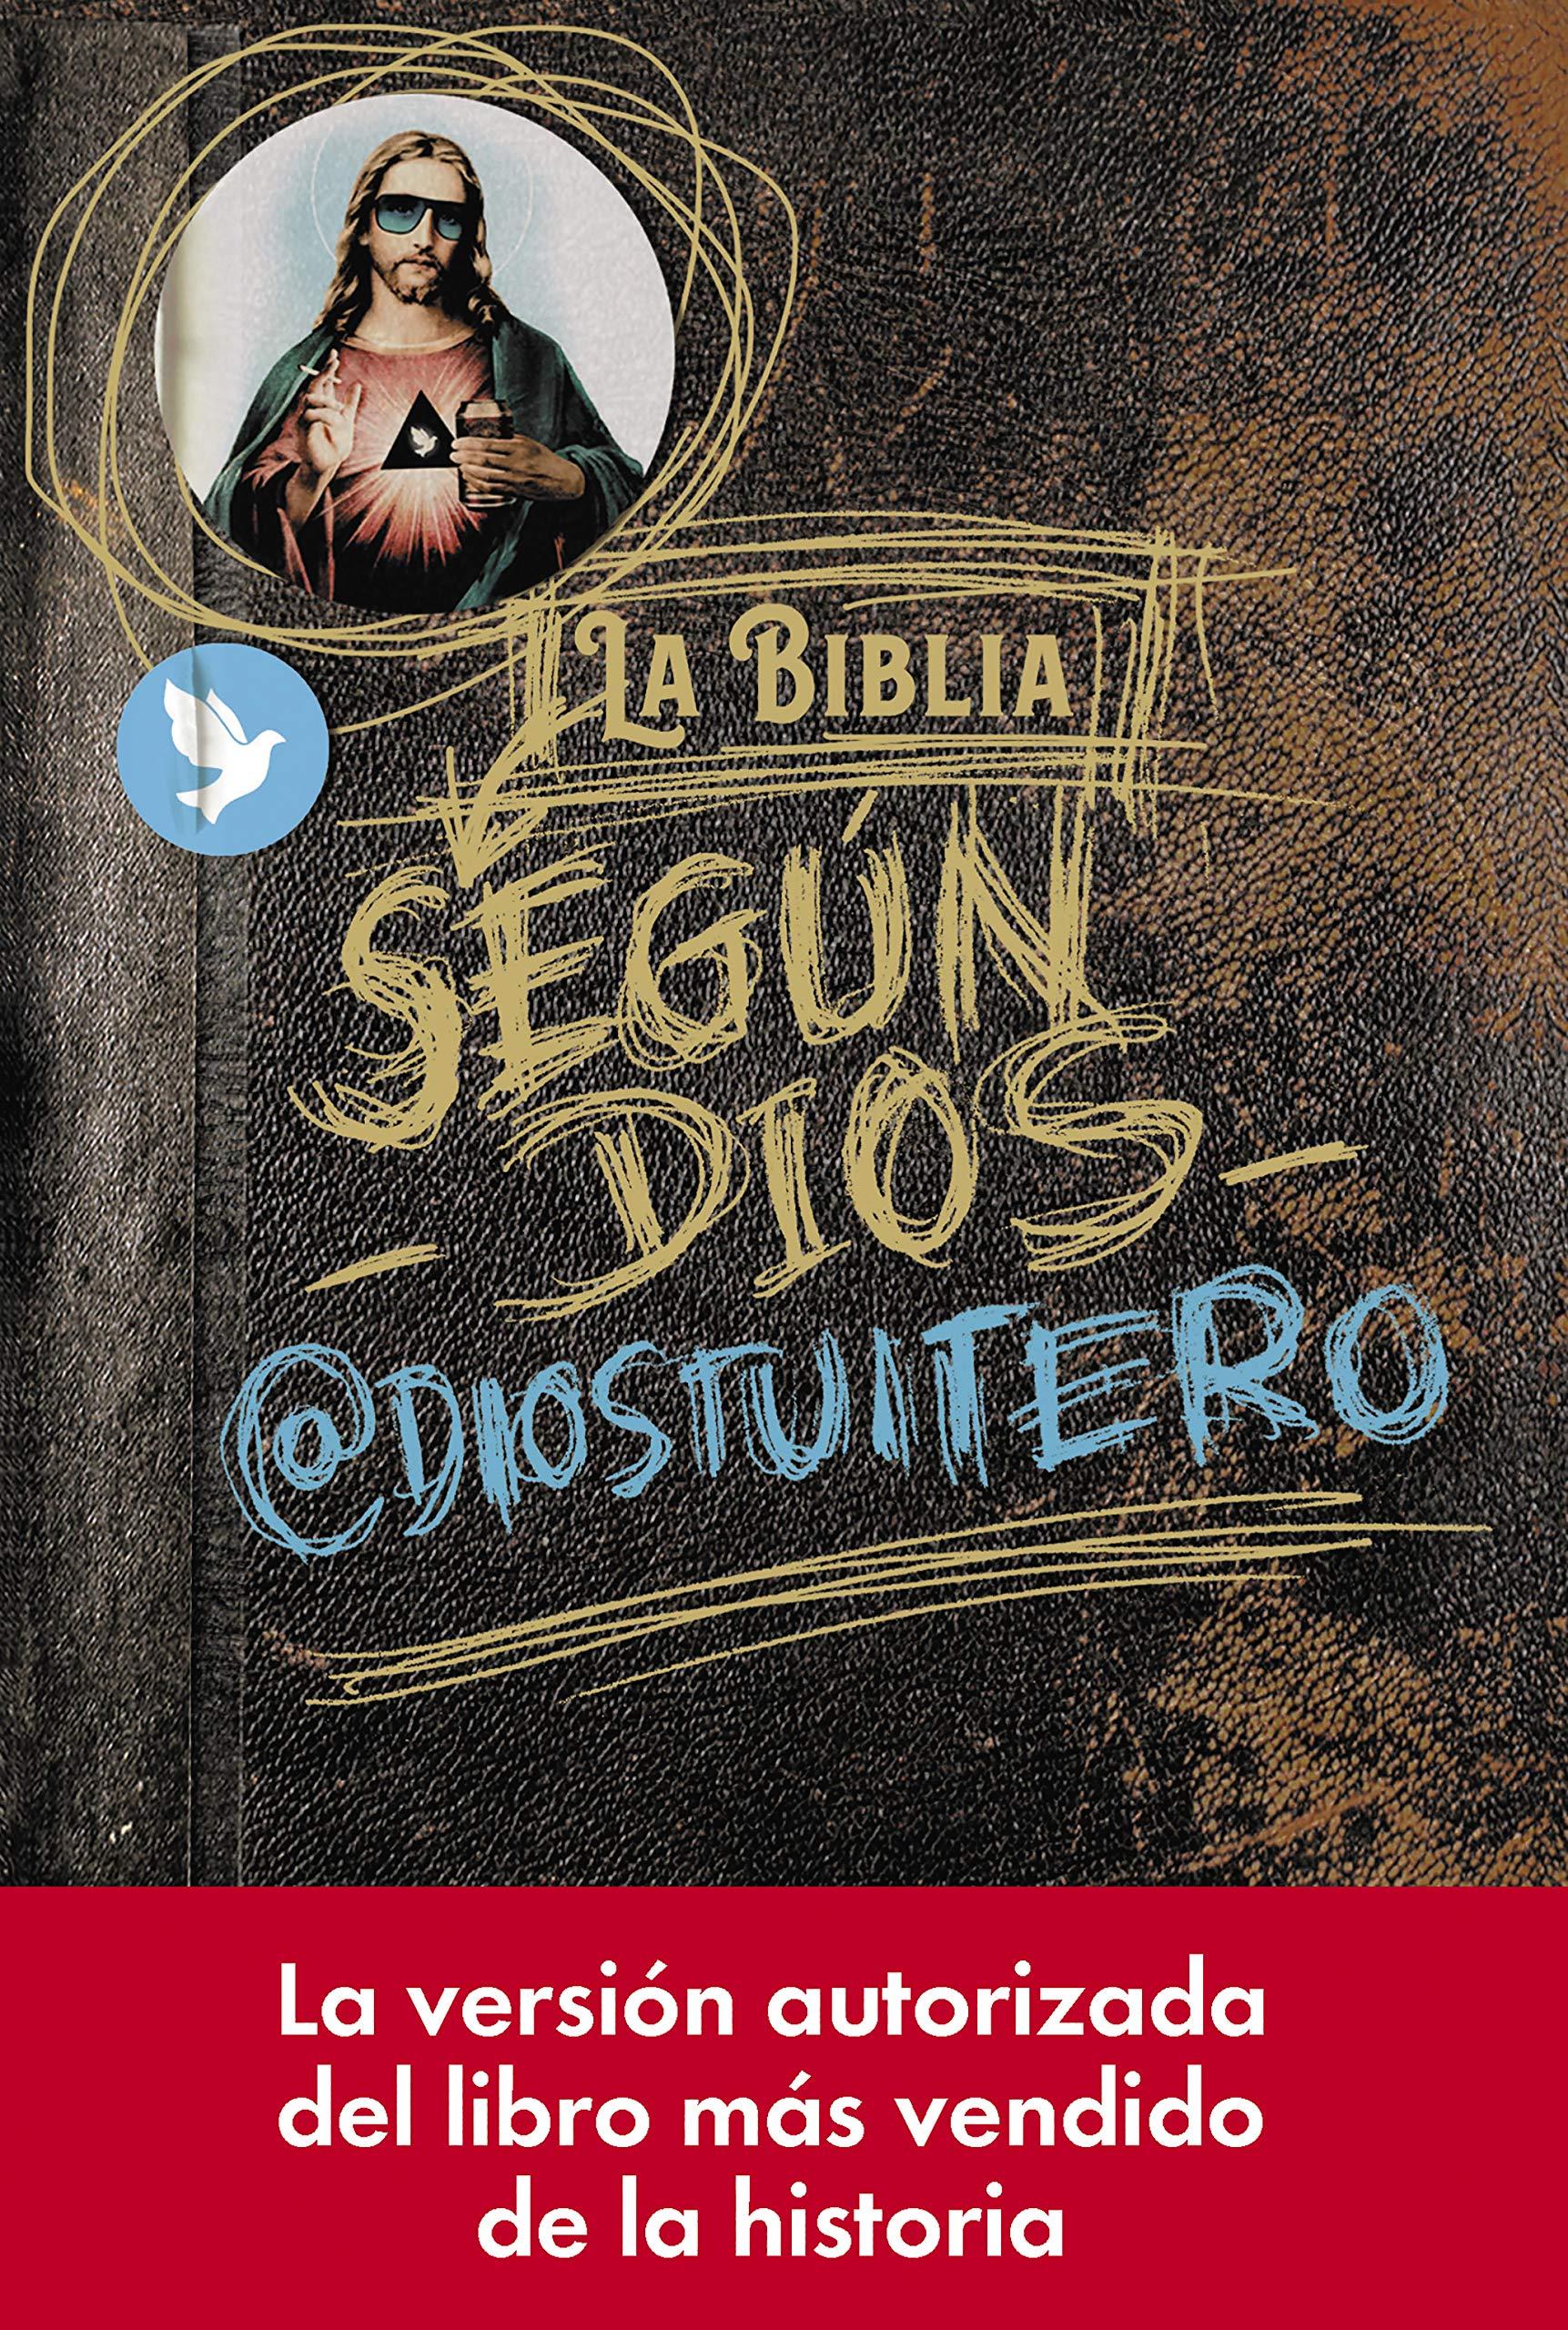 La Biblia según Dios por @diostuitero